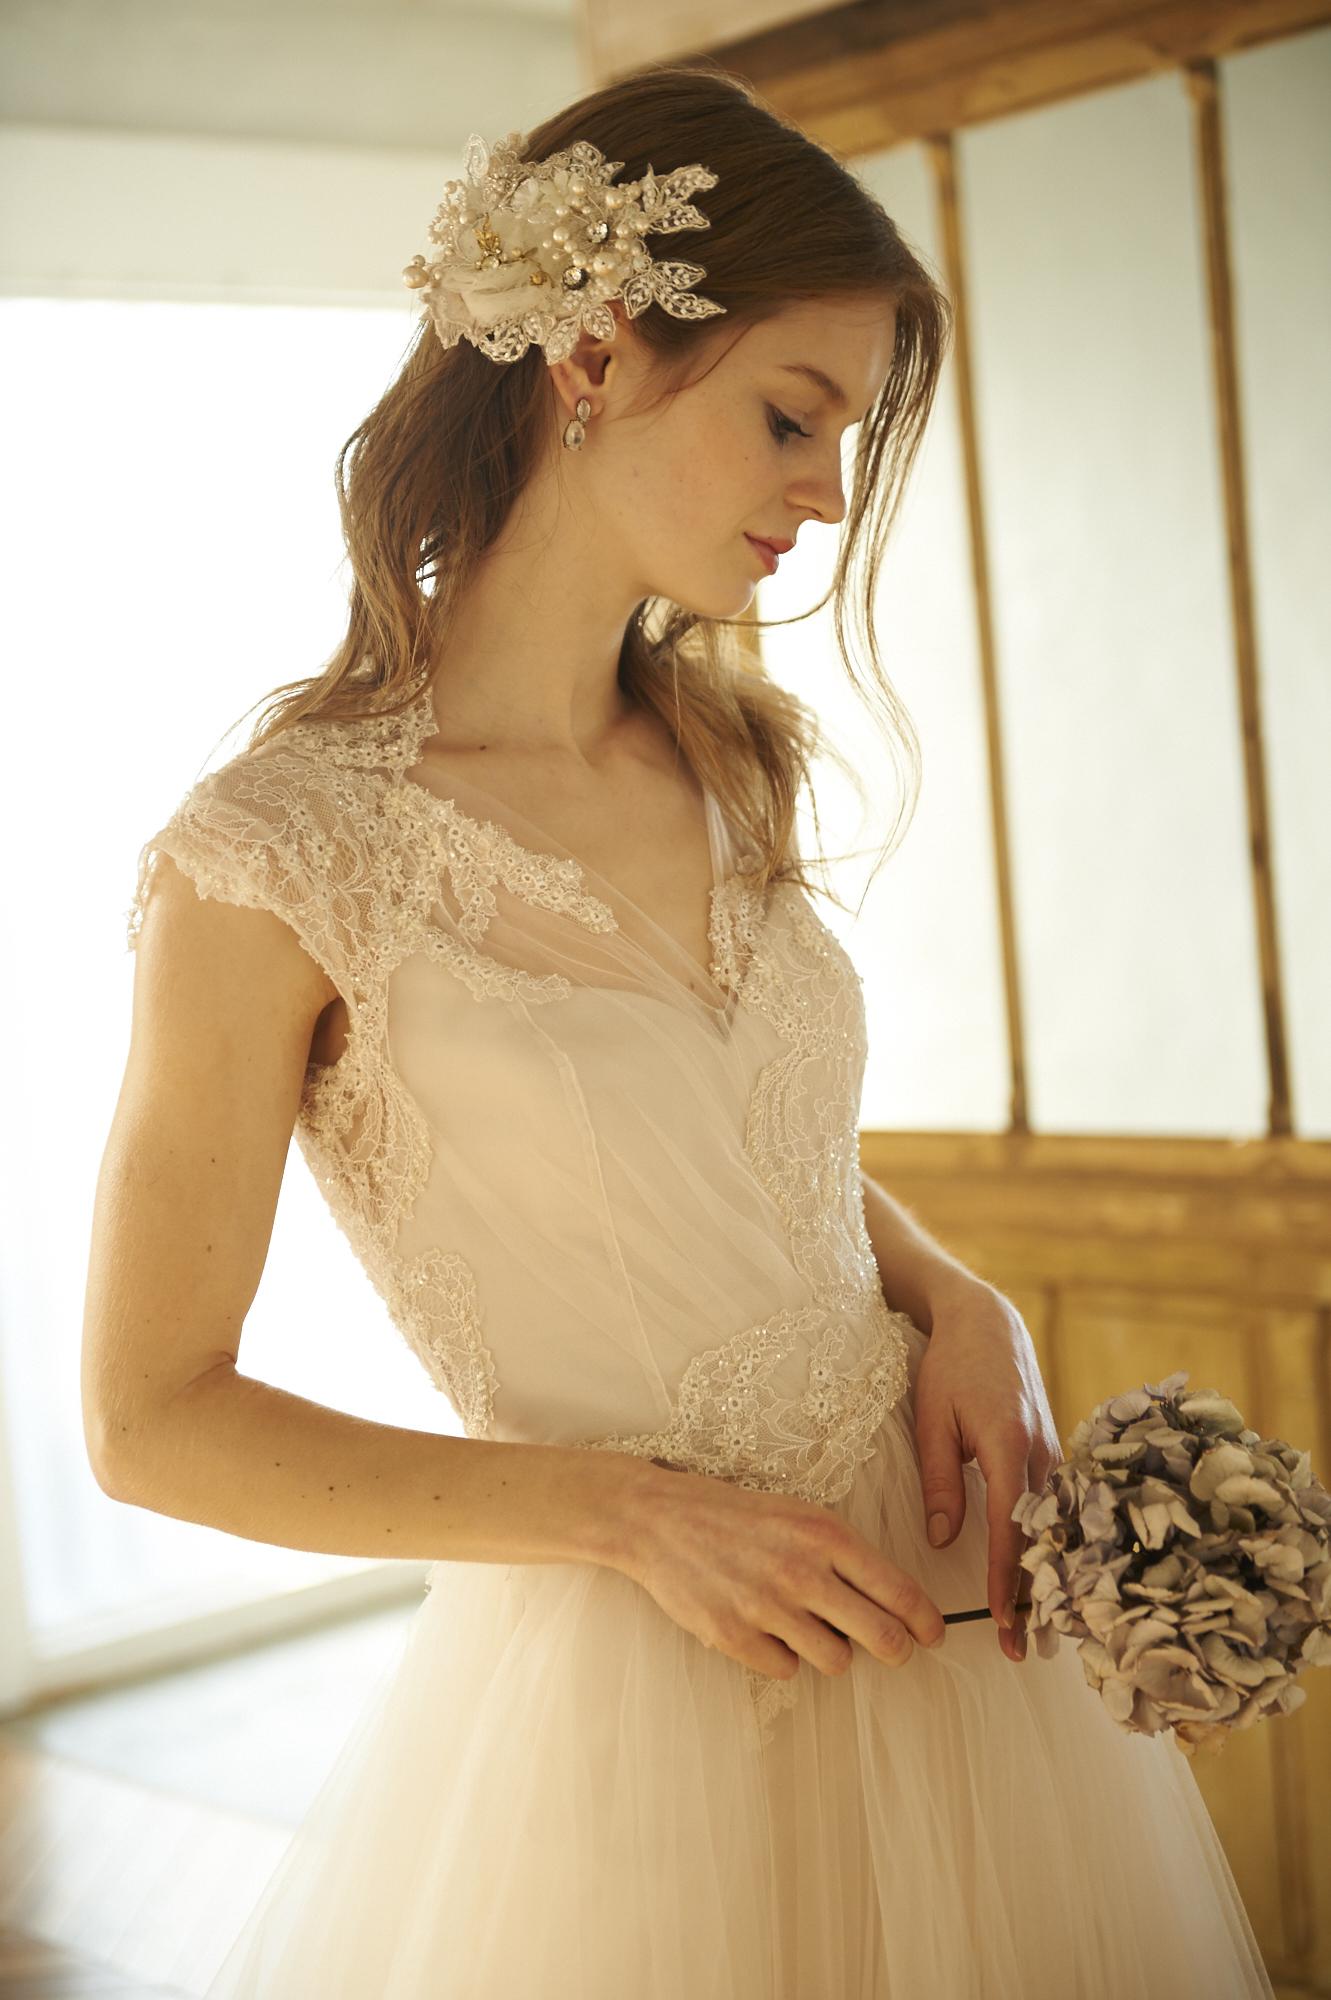 クリオマリアージュ ウエディングドレス ヘッドドレス